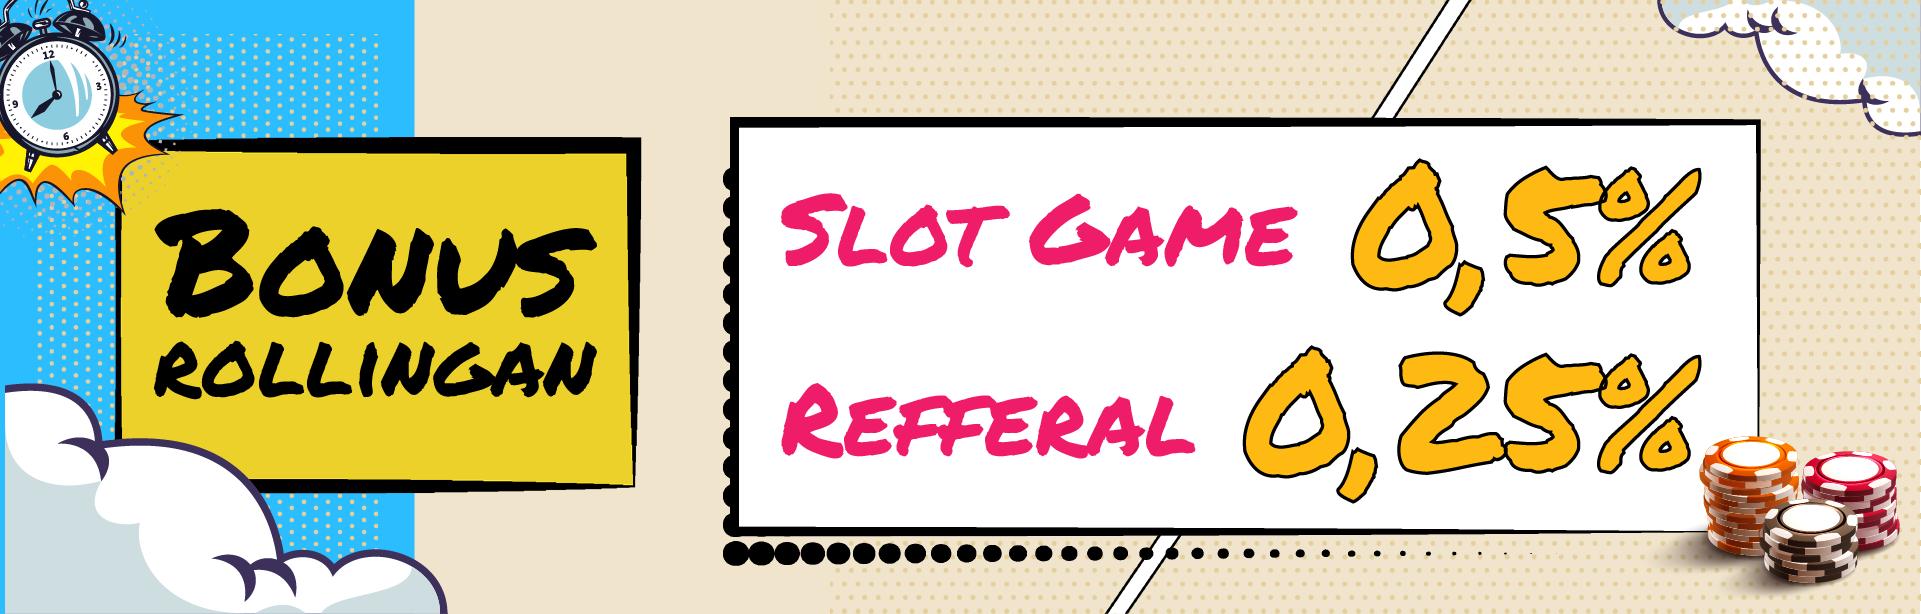 Bonus Rollingan Slot 0.5 & Refferal 0.25